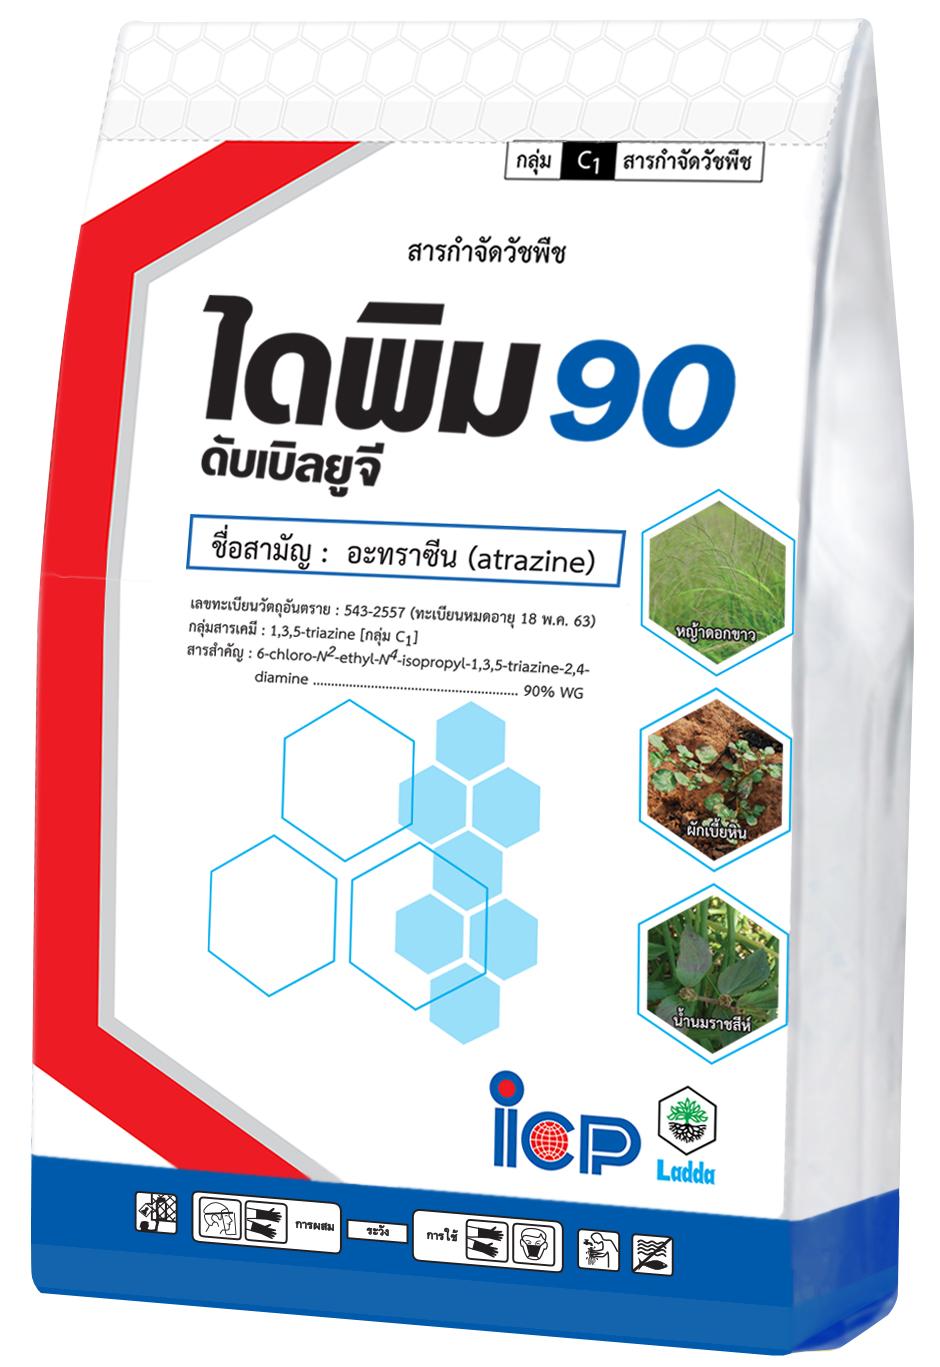 ไดพิม90 : อะทราซีน 90 WG